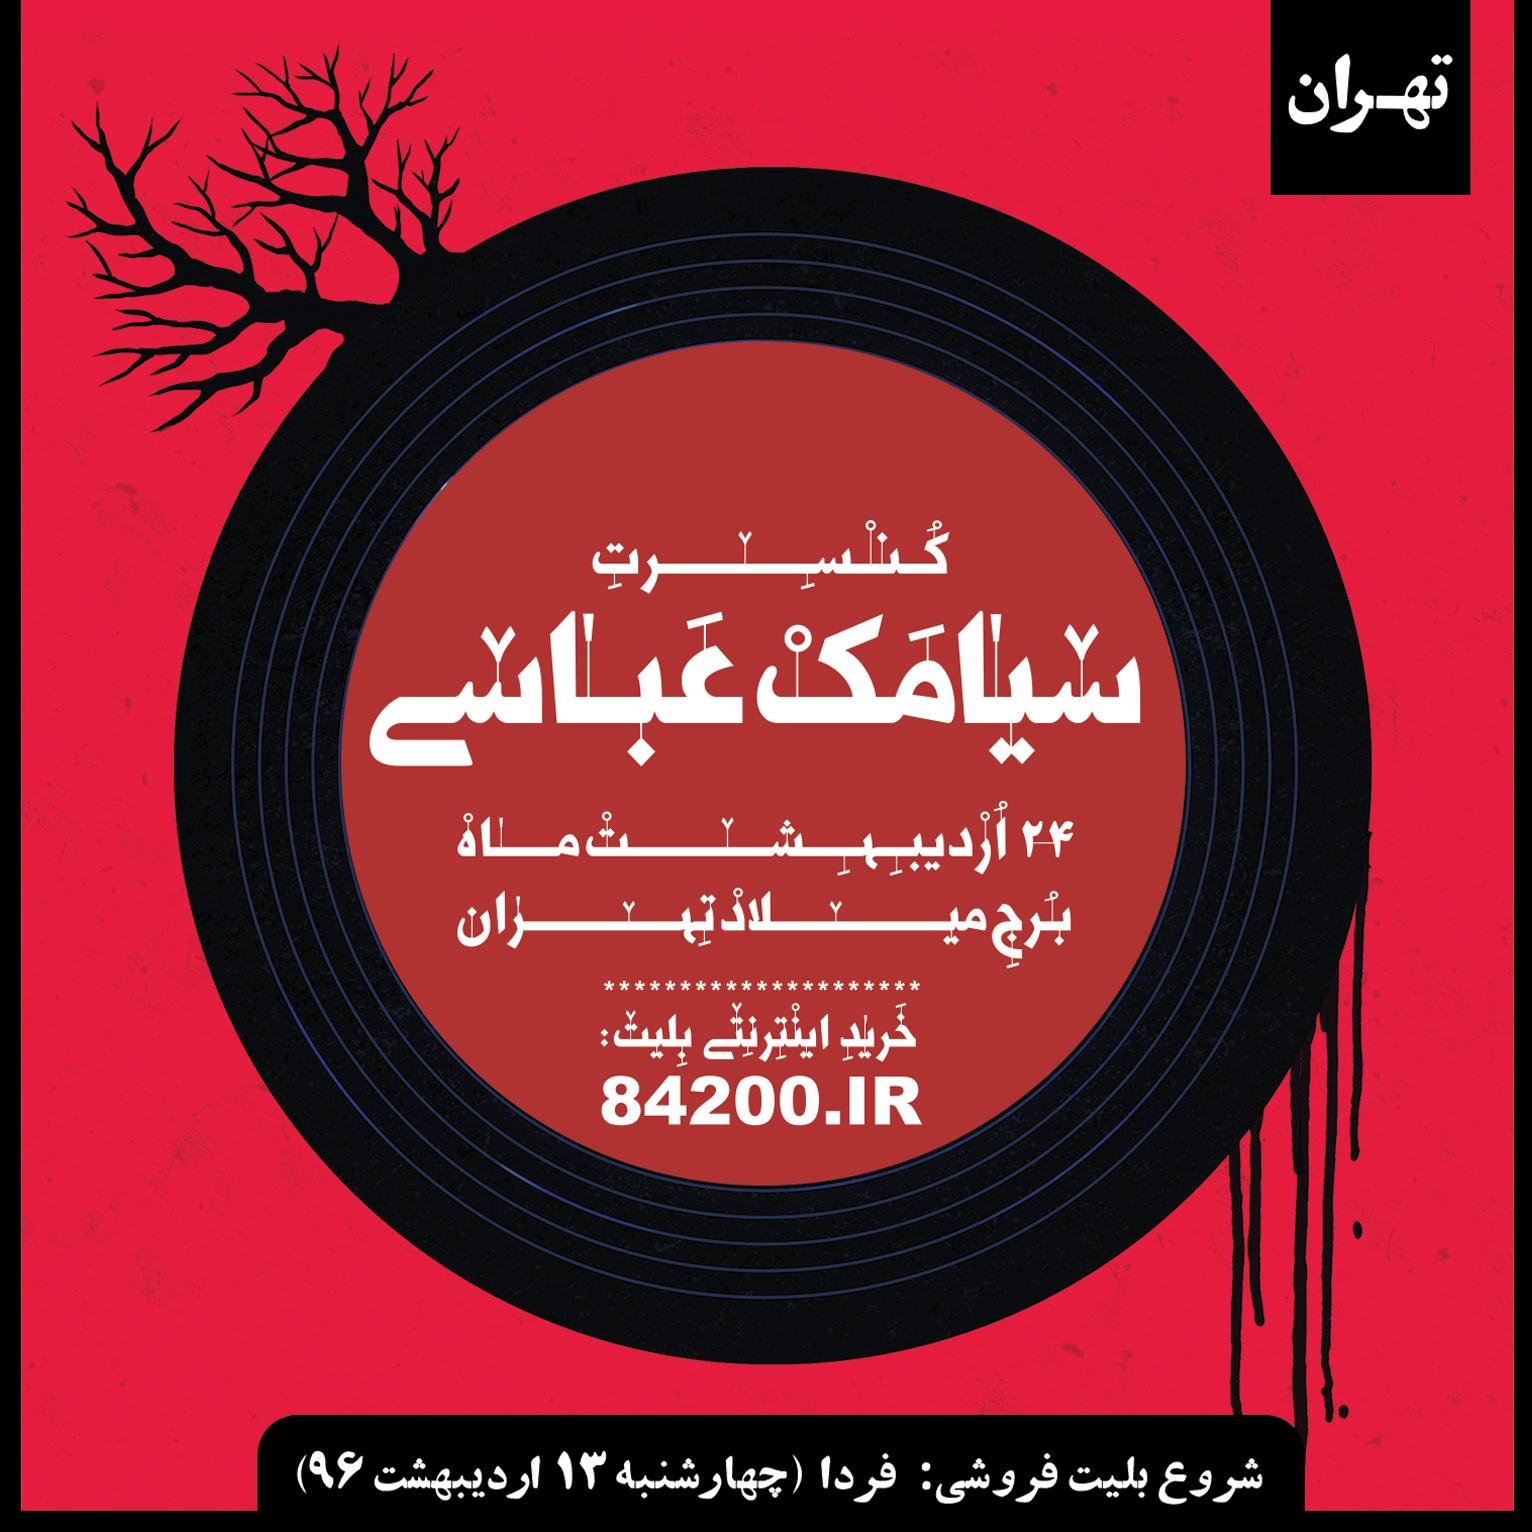 کنسرت سیامک عباسی - 24 اردیبهشت در تهران